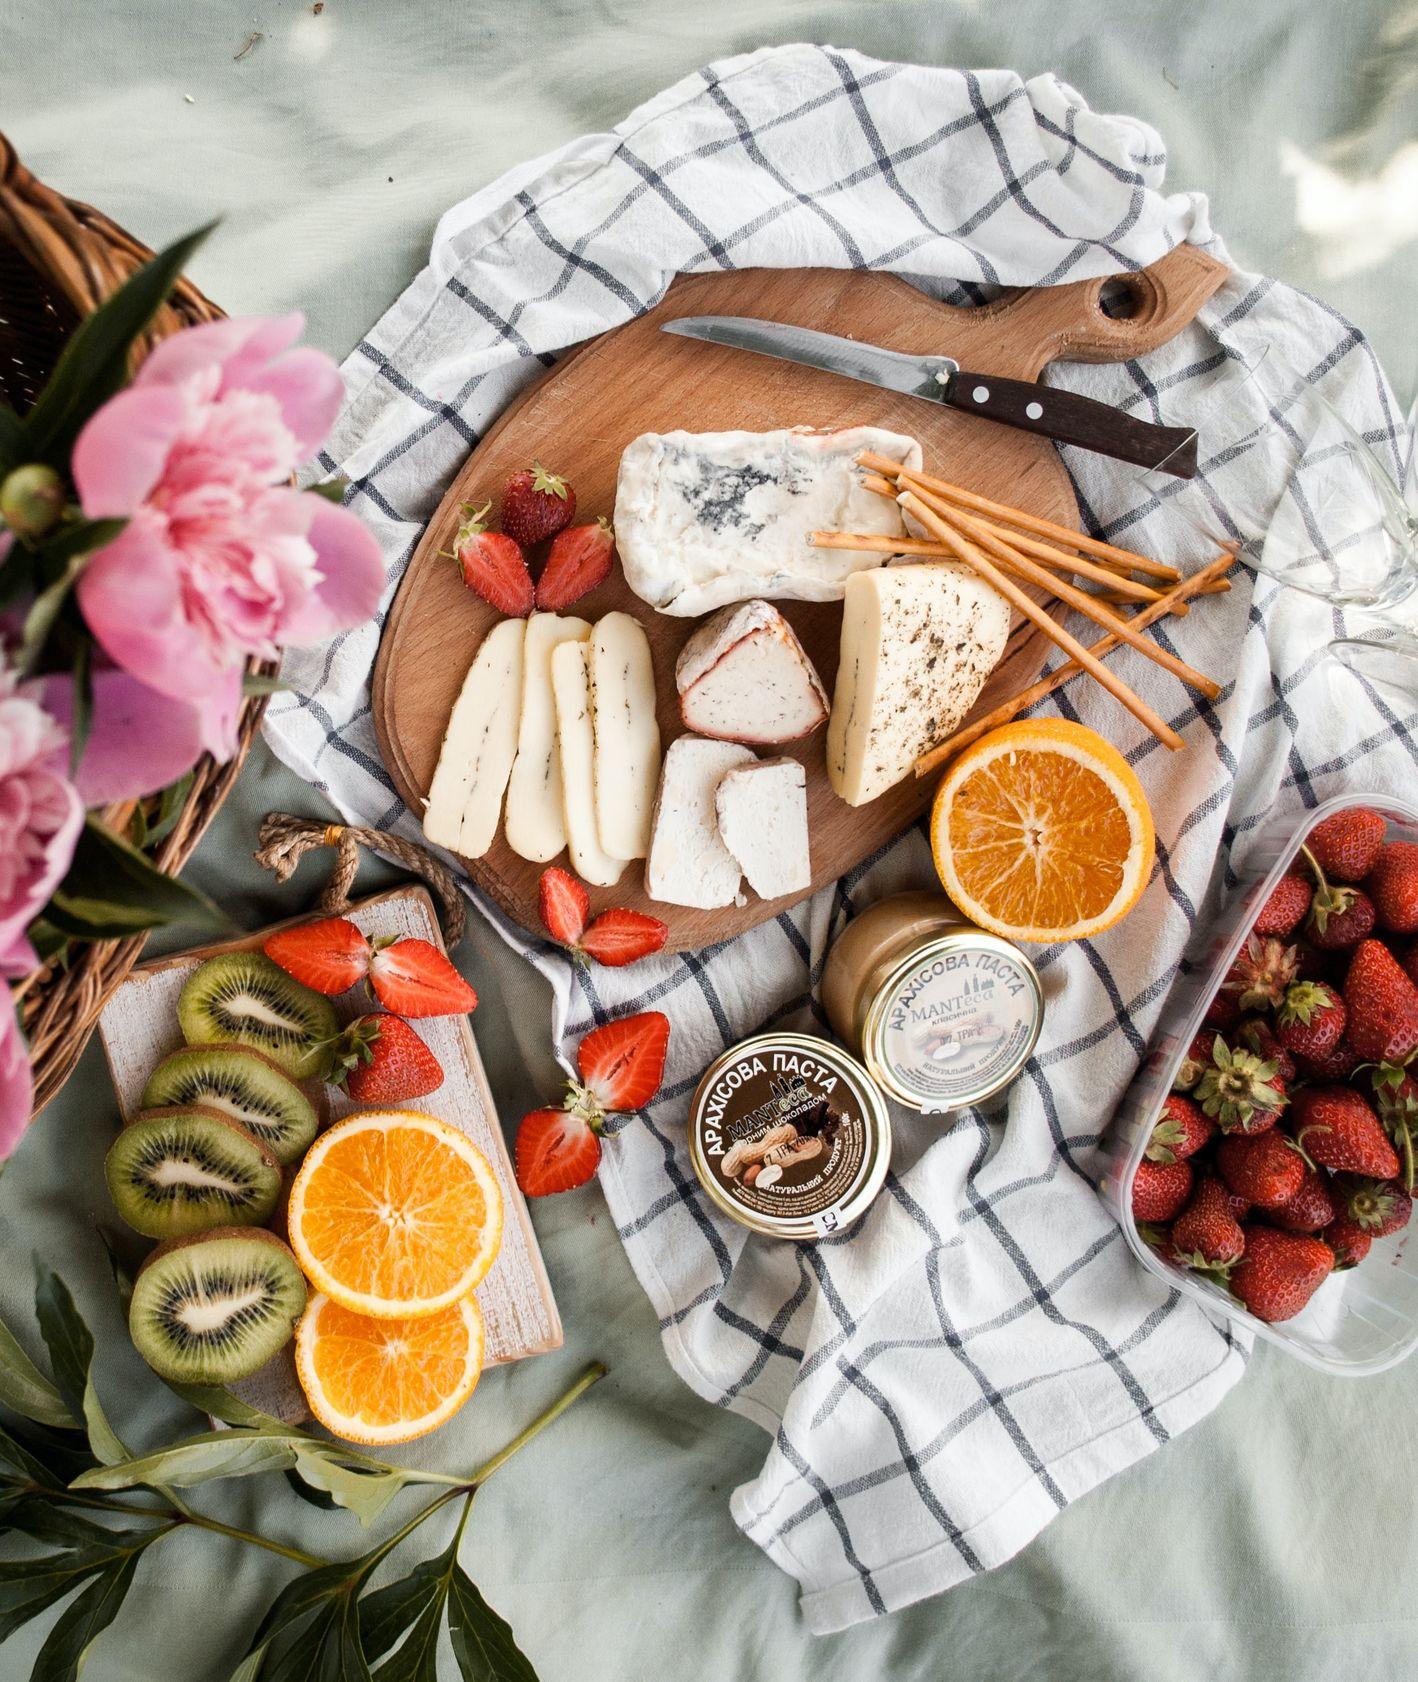 Sery, owoce, kwiaty na desce i ściereczce (fot. Kate Hliznitsova / unsplash.com)